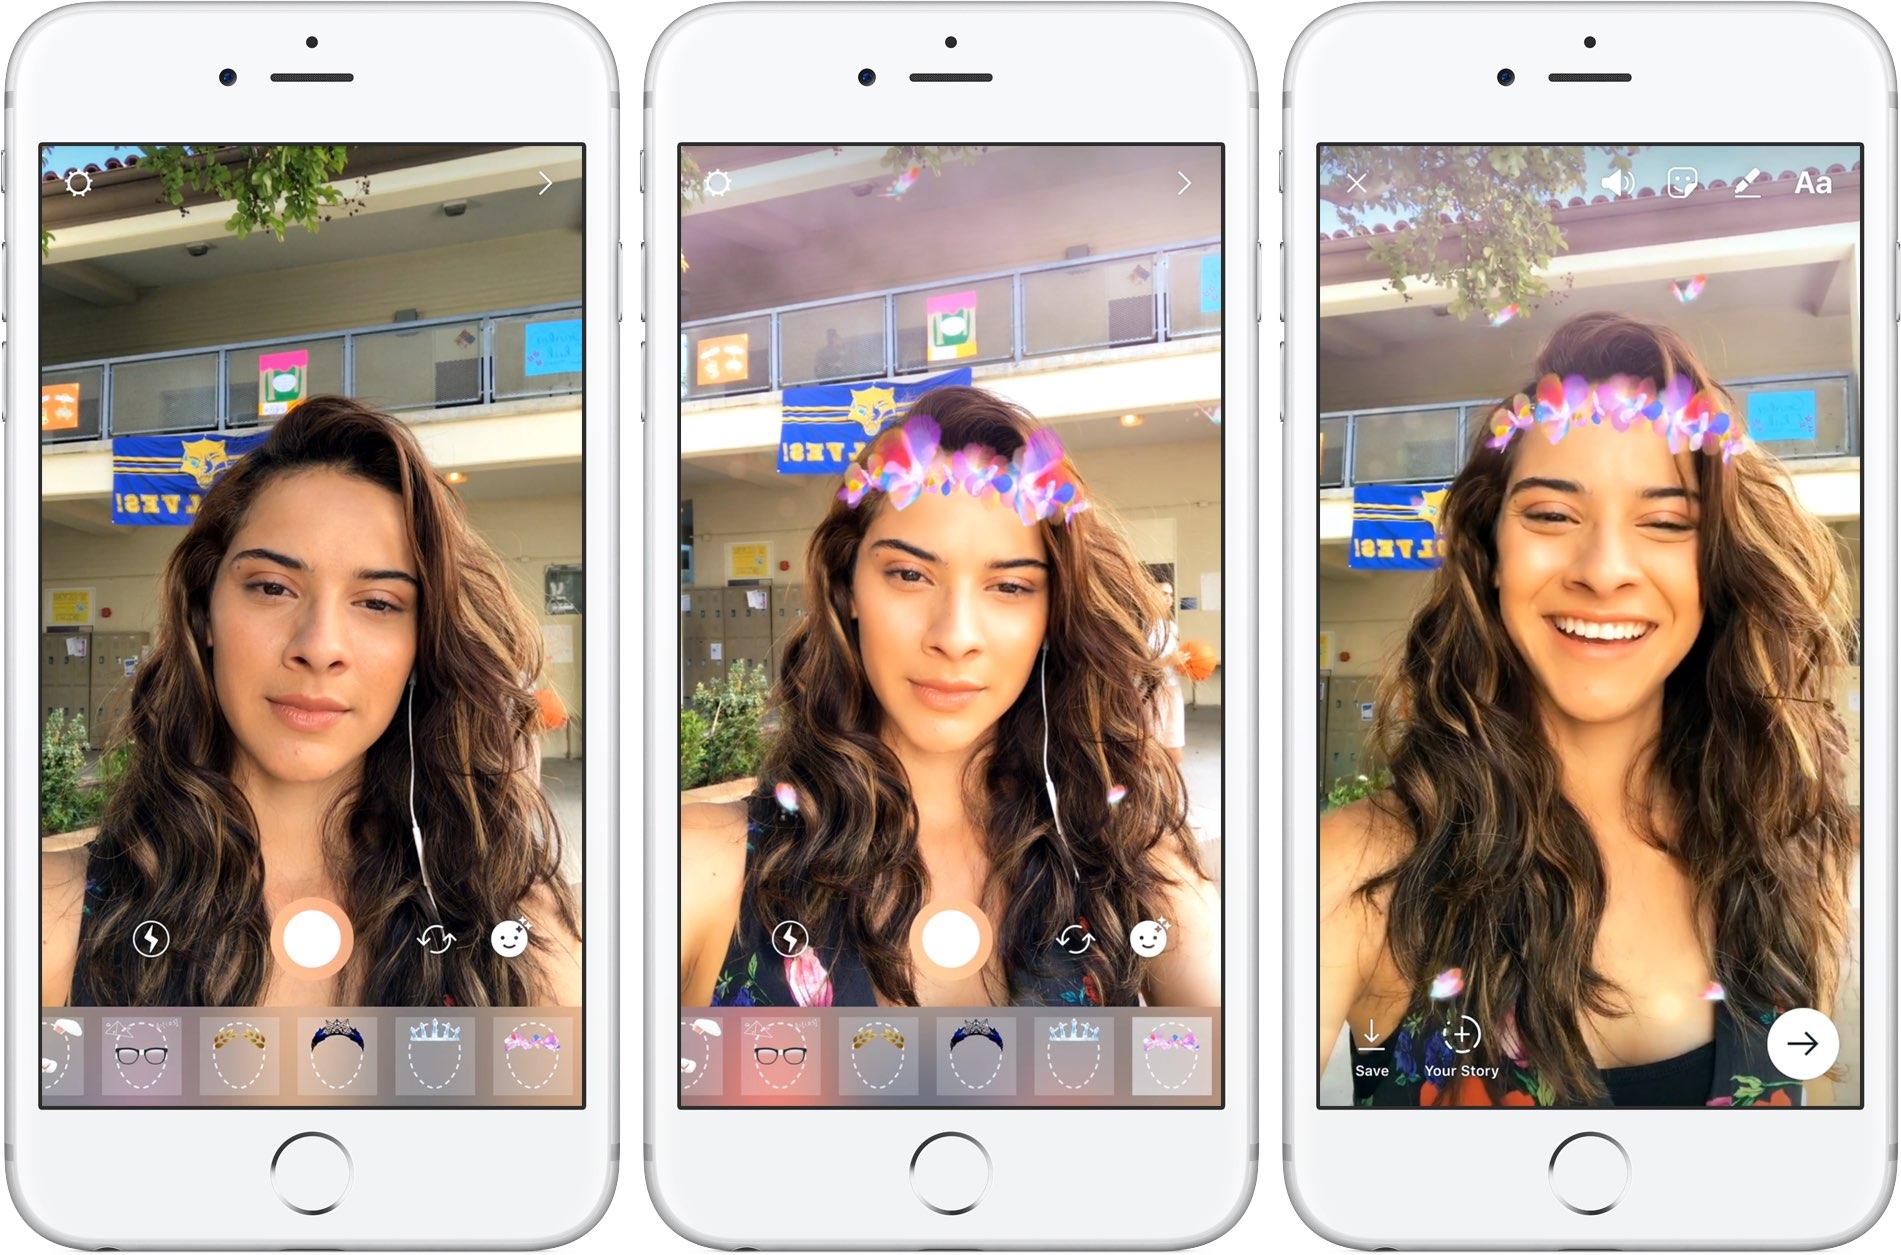 Наложение эффектов на фото в инстаграм